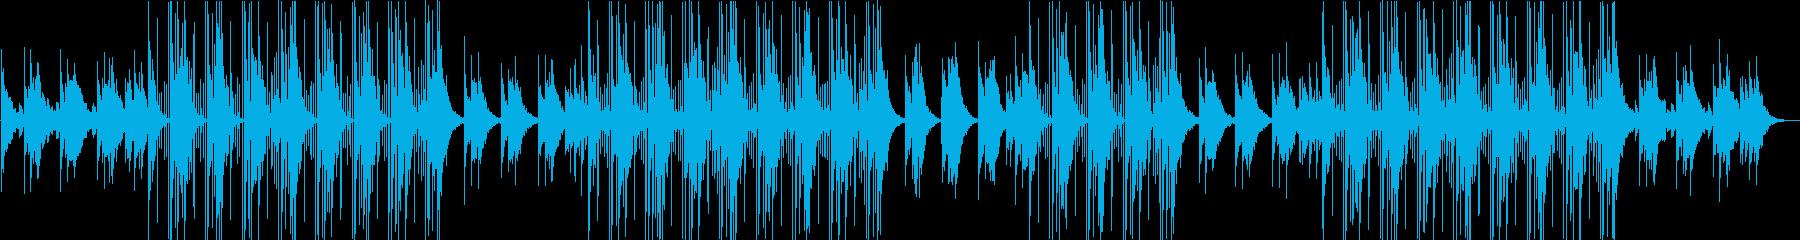 幻想的な洋楽トラップポップ♪の再生済みの波形